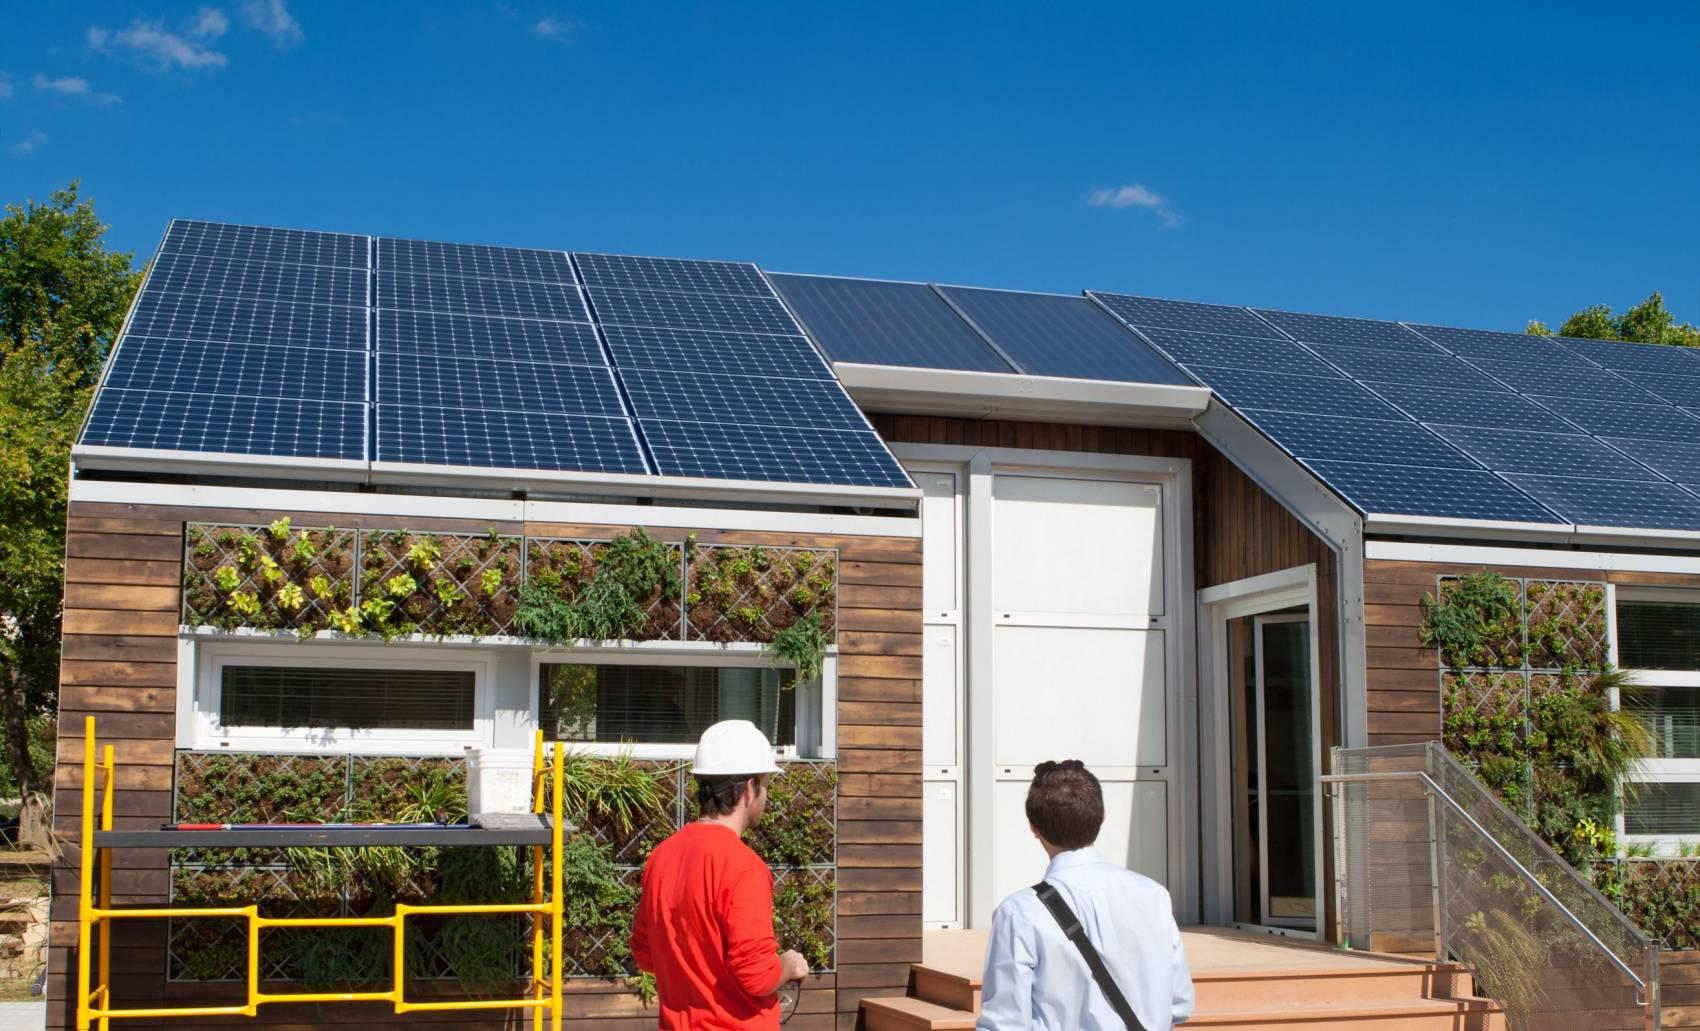 Maison passive maison bioclimatique aide et conseil for Aide construction maison